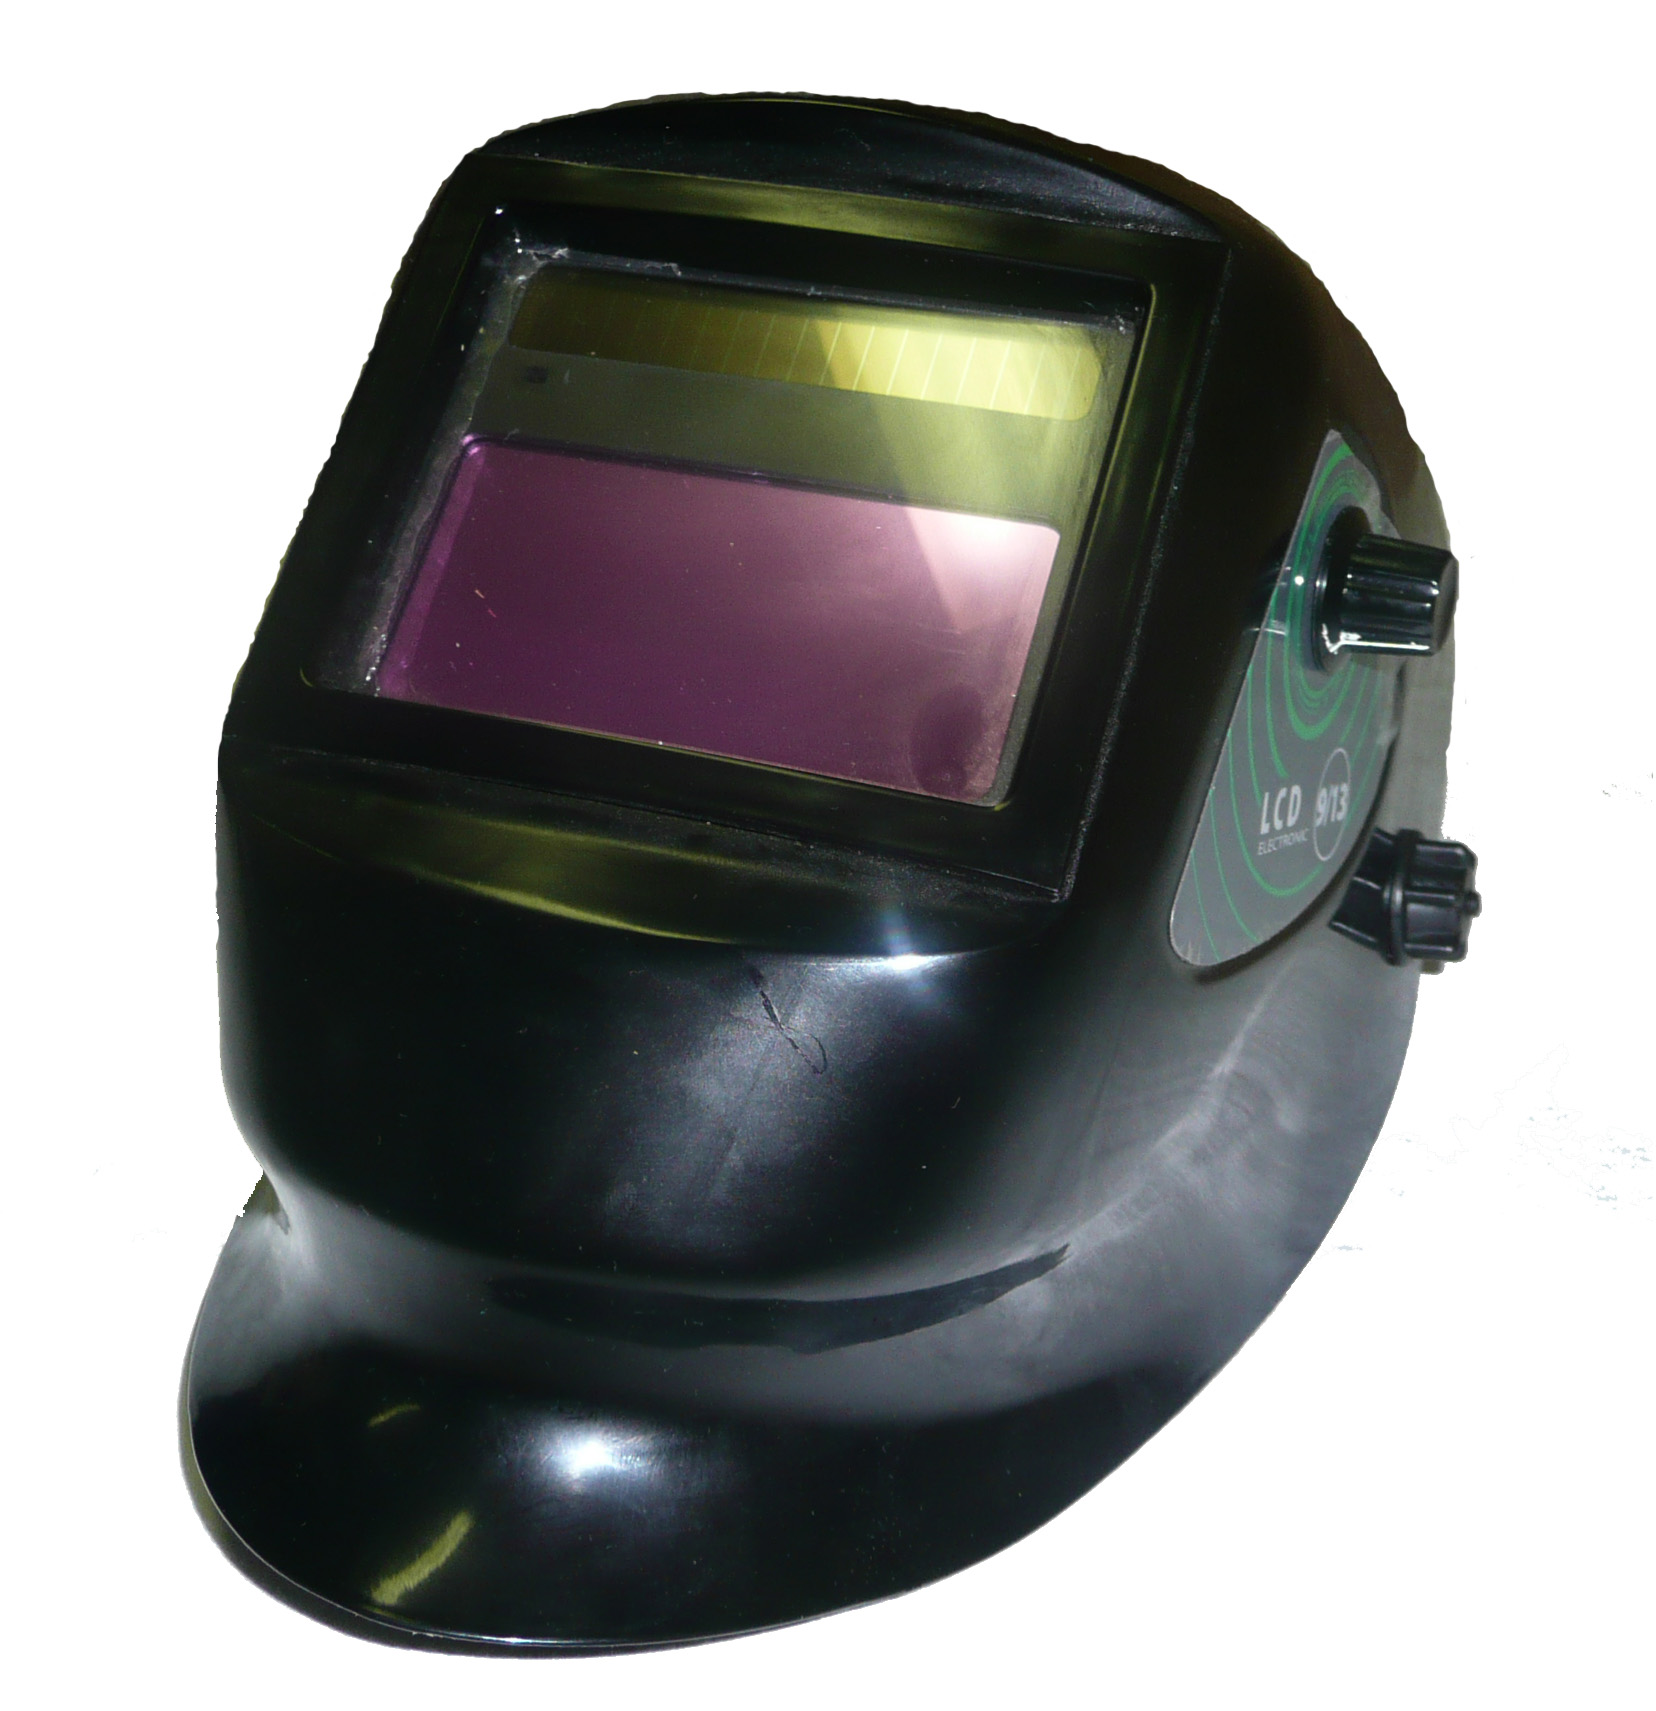 casques soudeur tous les fournisseurs masque de soudage masque soudeur casque de soudage. Black Bedroom Furniture Sets. Home Design Ideas